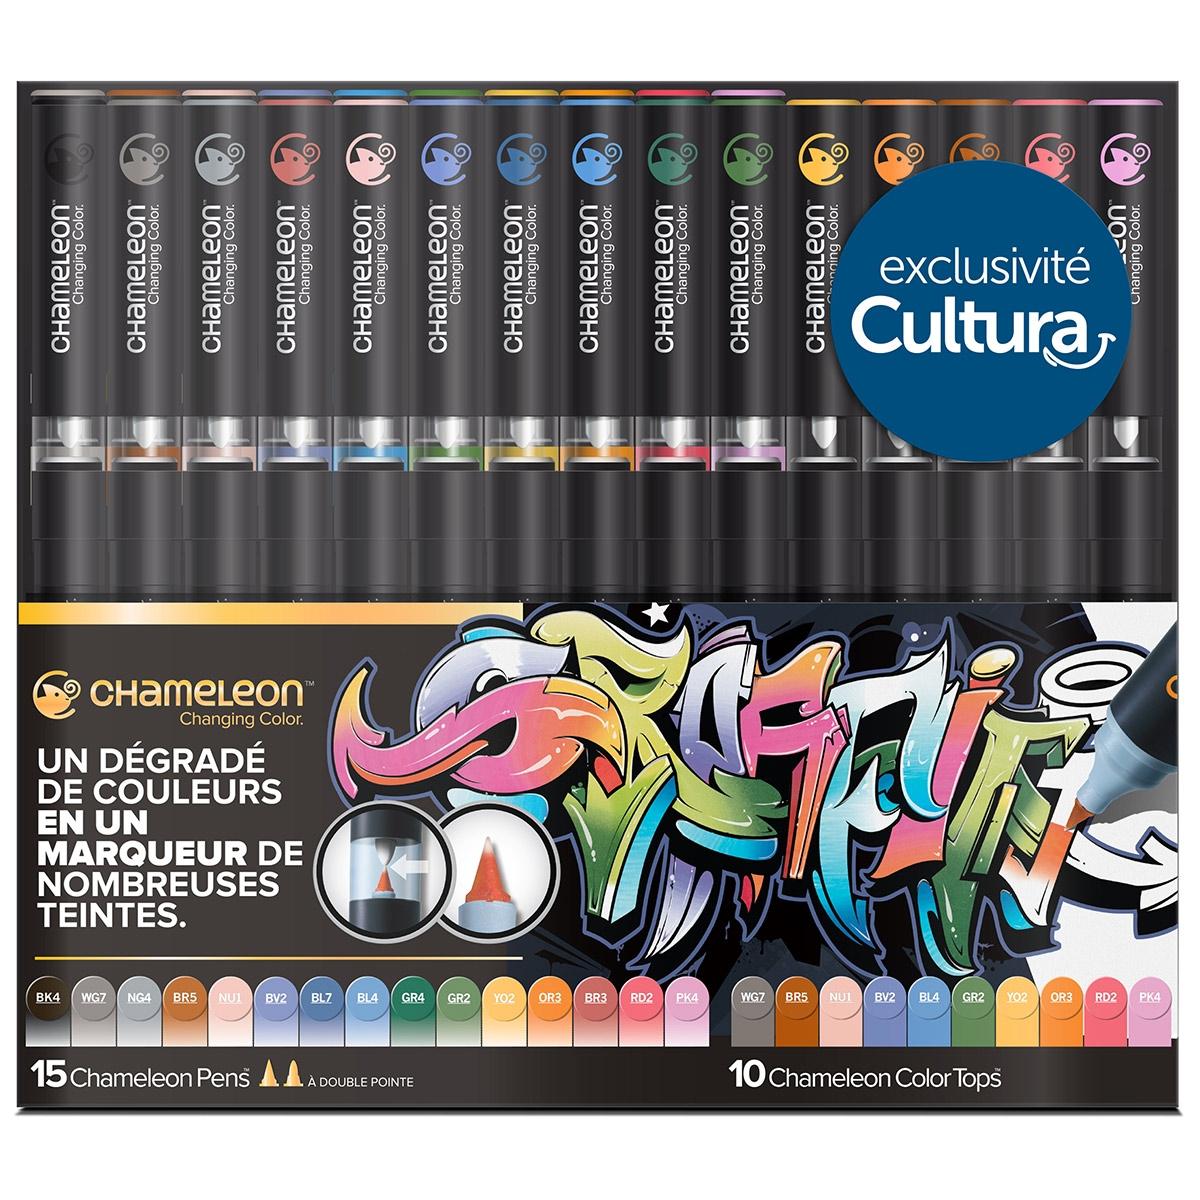 Set de 15 marqueurs Chamelon Pens et 10 Chameleon Color Tops